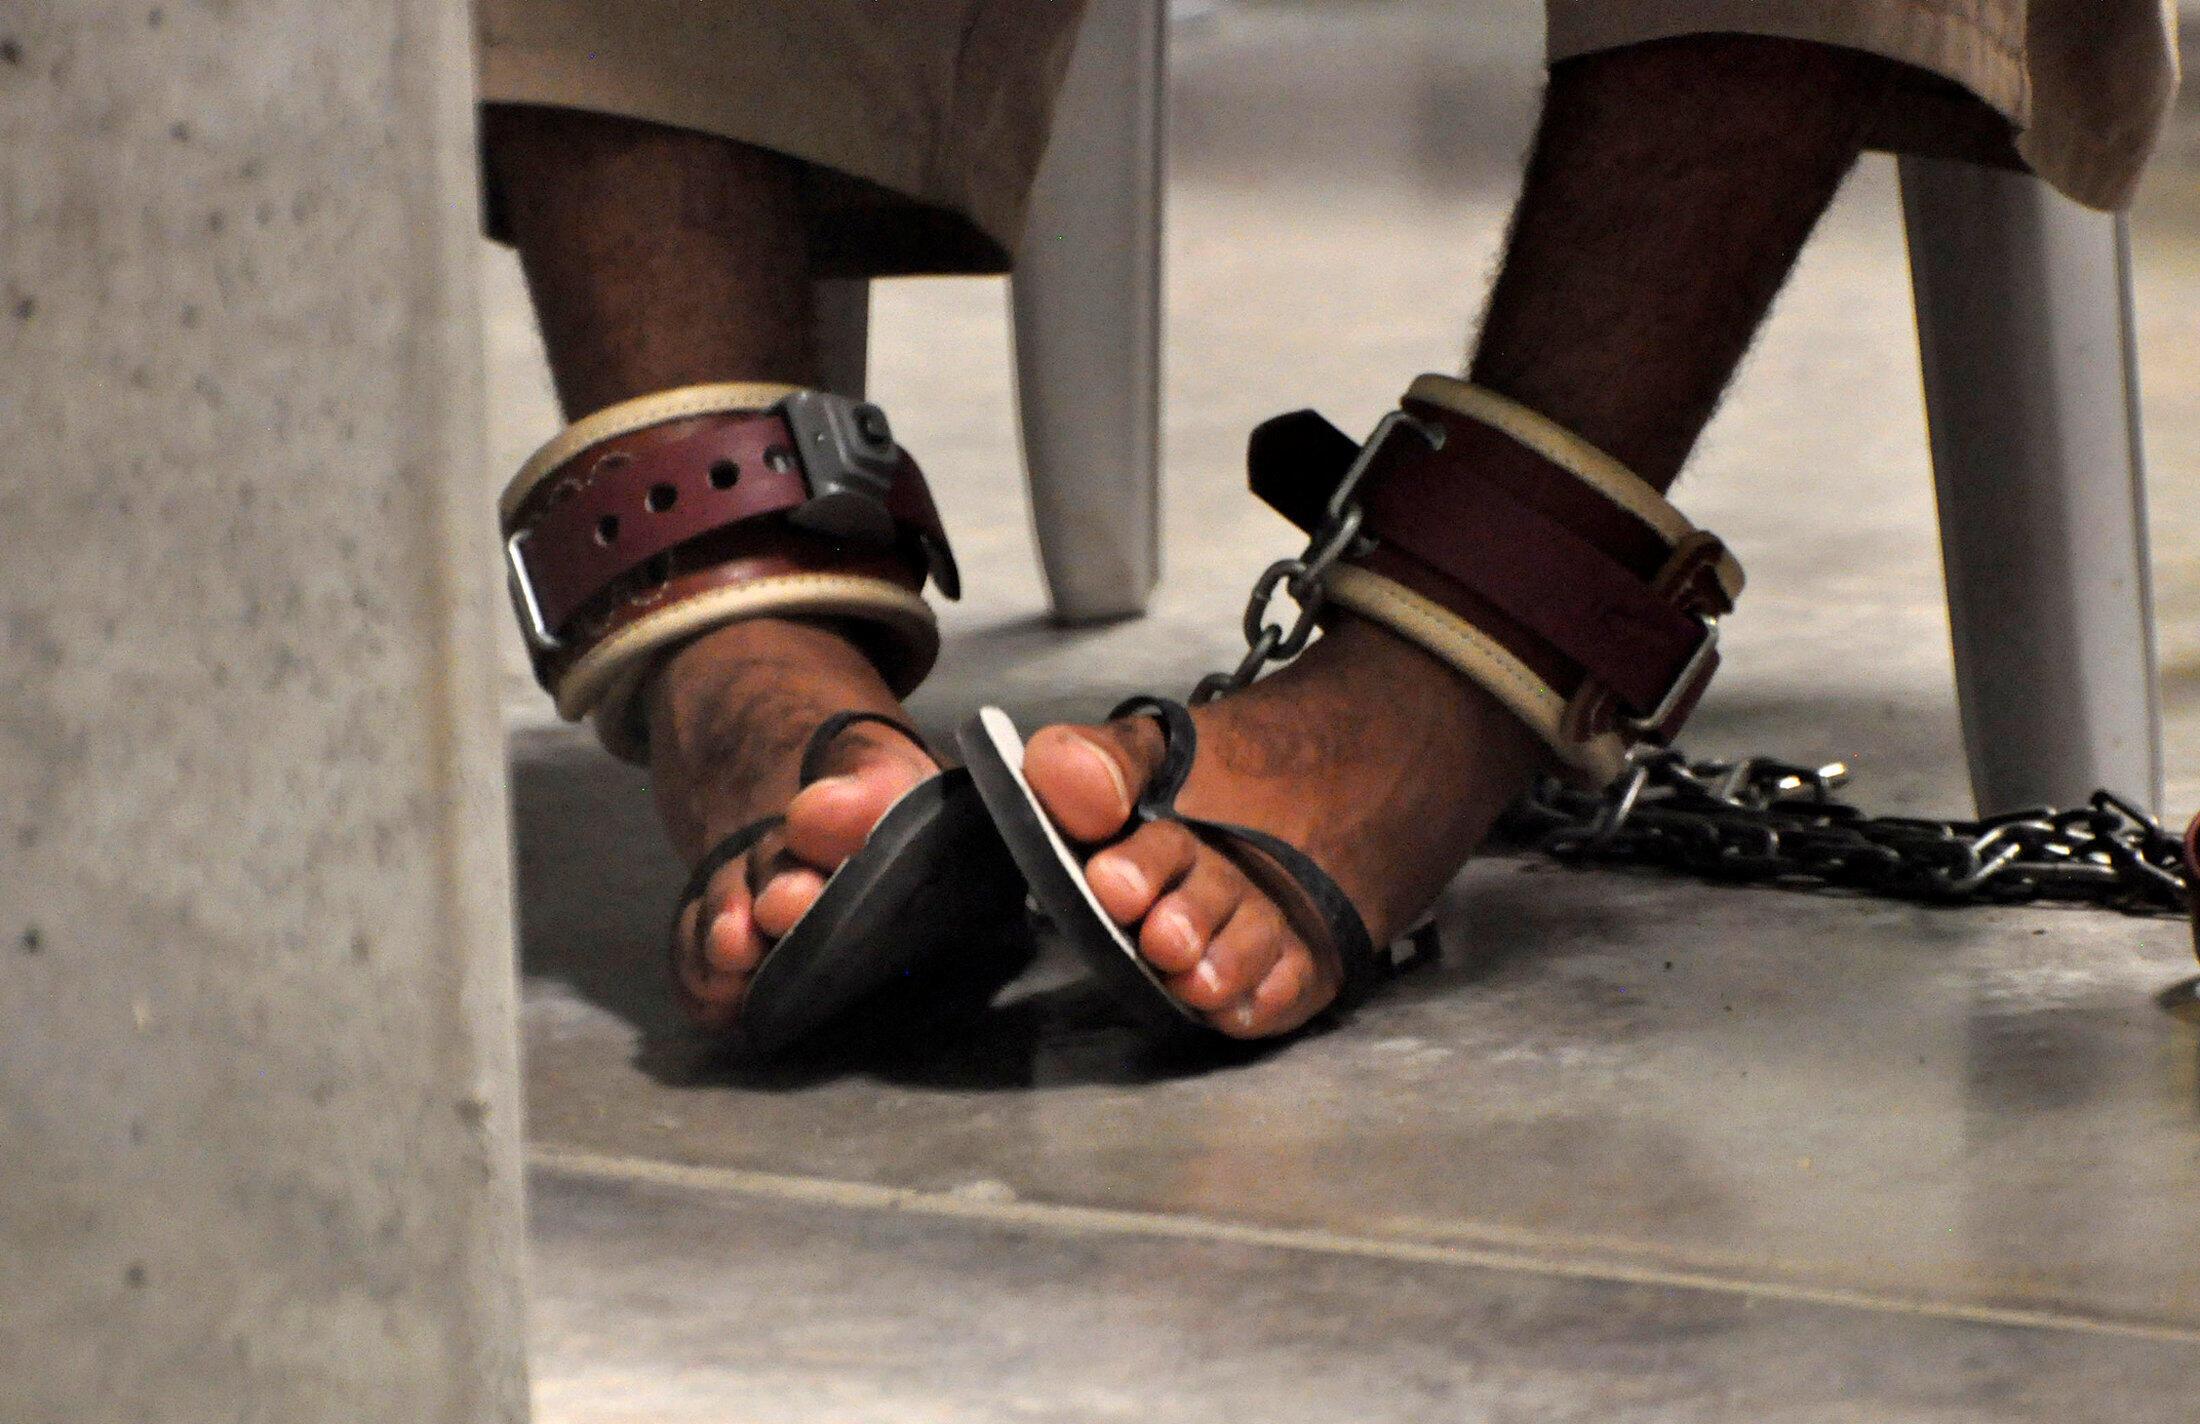 អ្នកទោសនៅពន្ធនាគារយោធាអាមេរិក Guantanamo